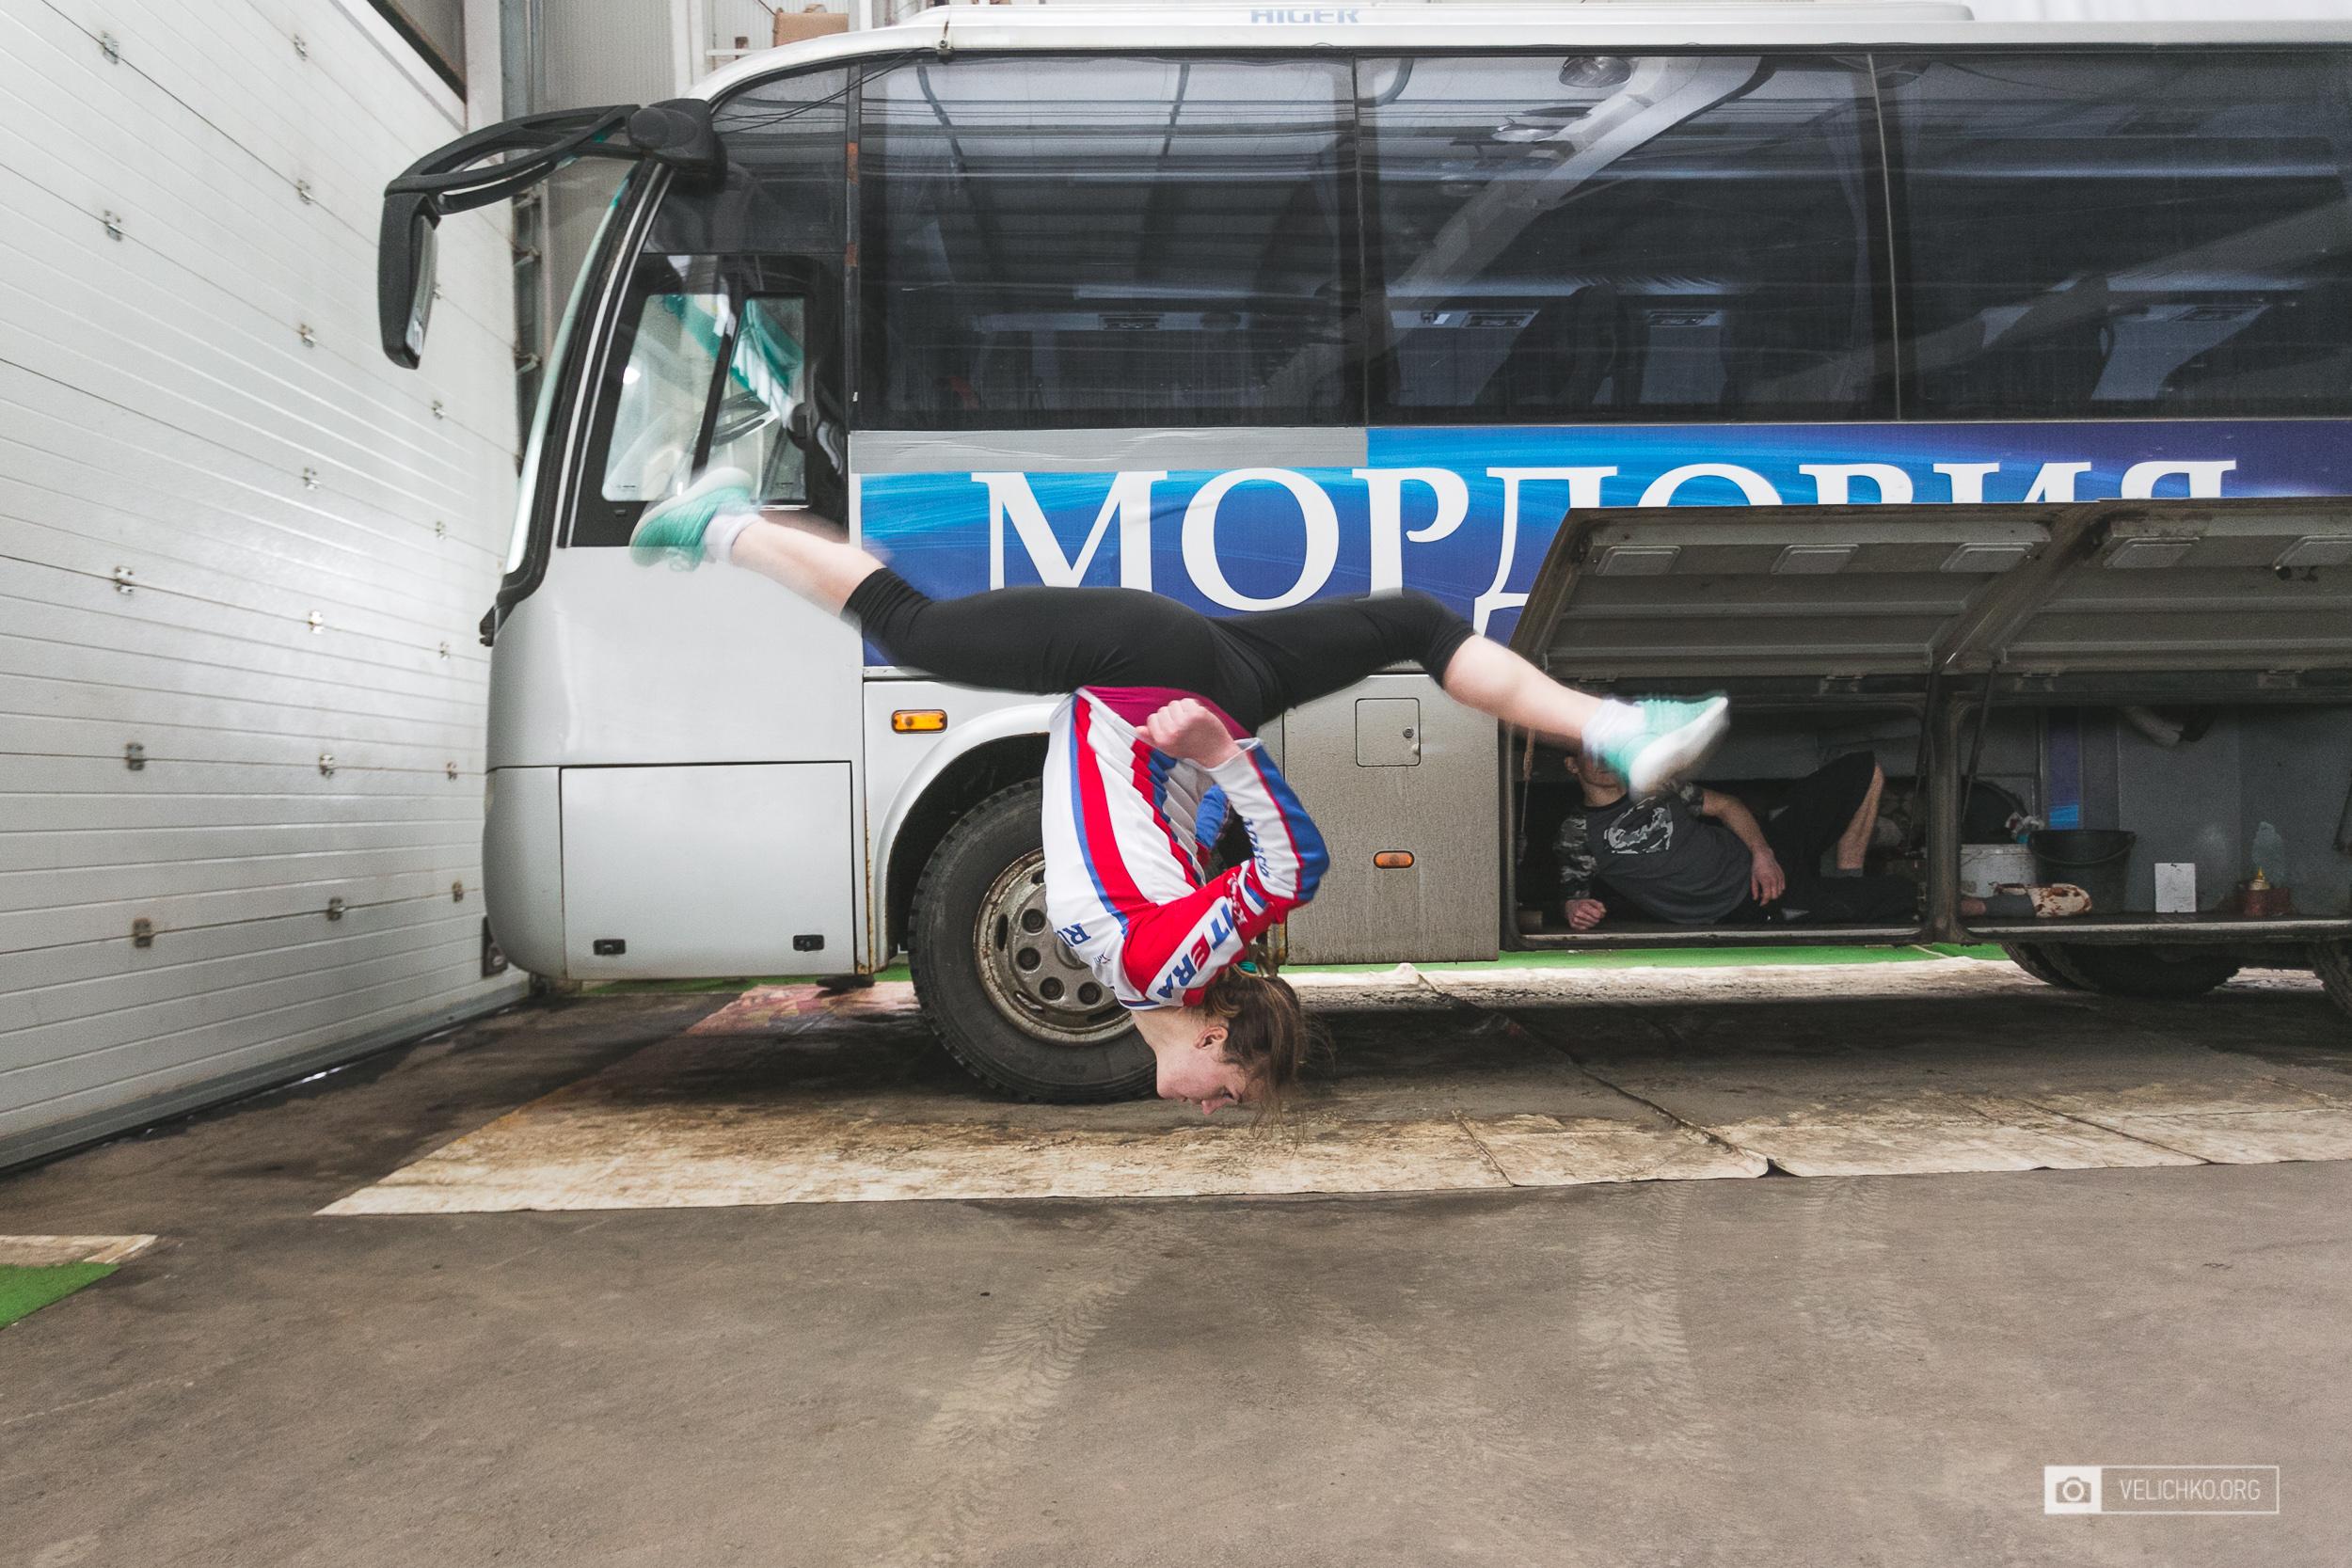 Тренировки: Спортивные МТБ-сборы в Саранске - день 1